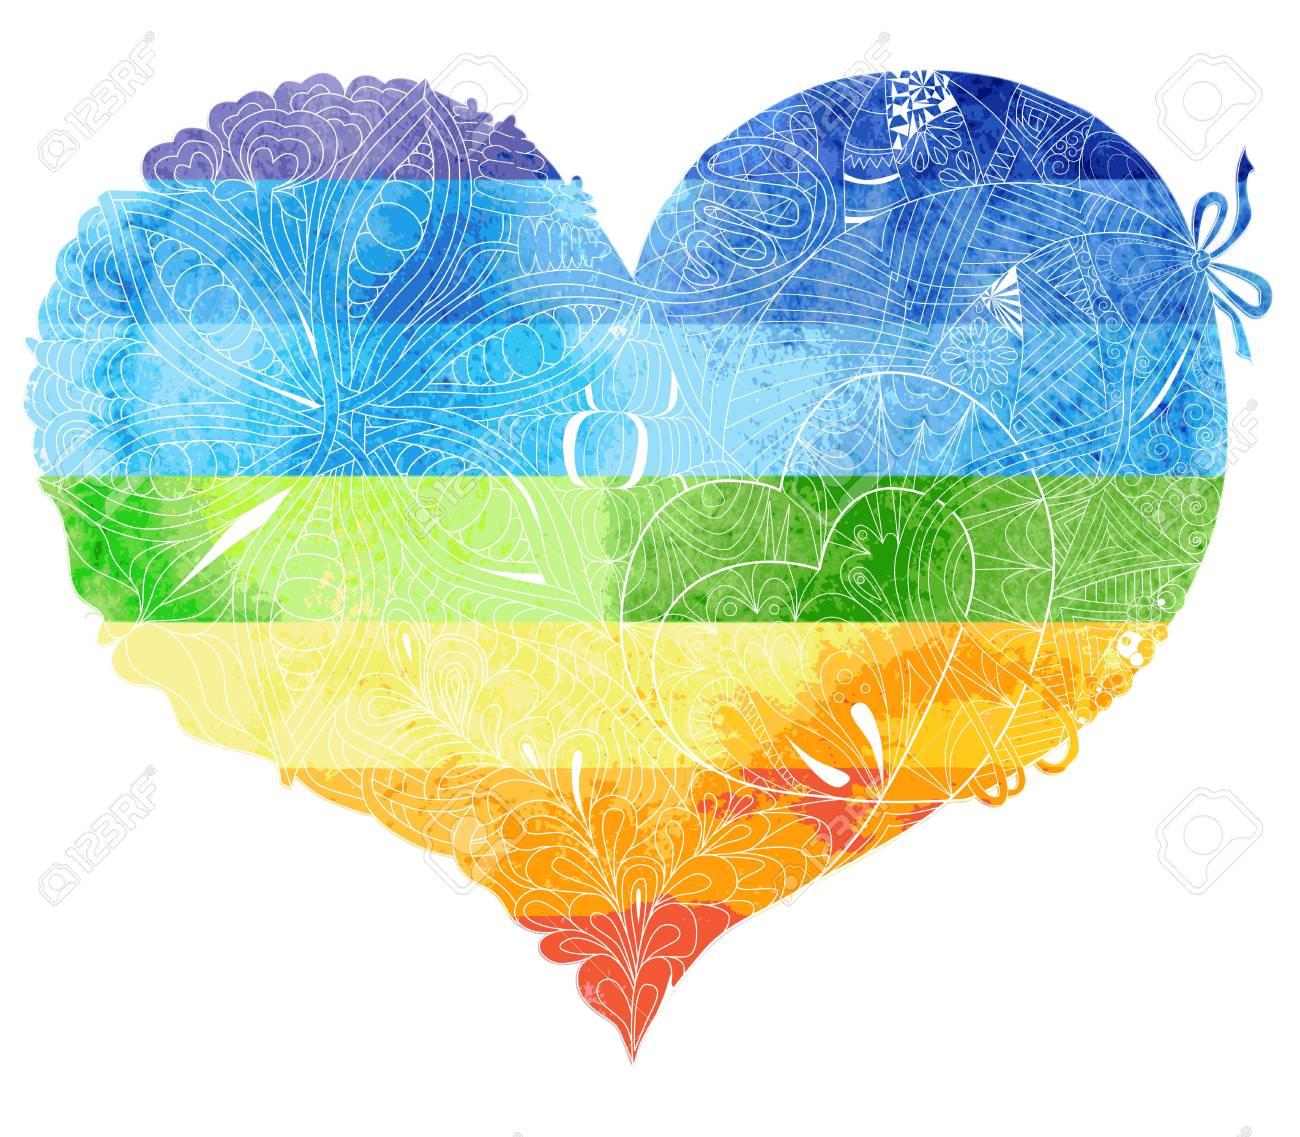 Dibujo De Acuarela Del Corazón Del Arco Iris Con Un Patrón De Luz